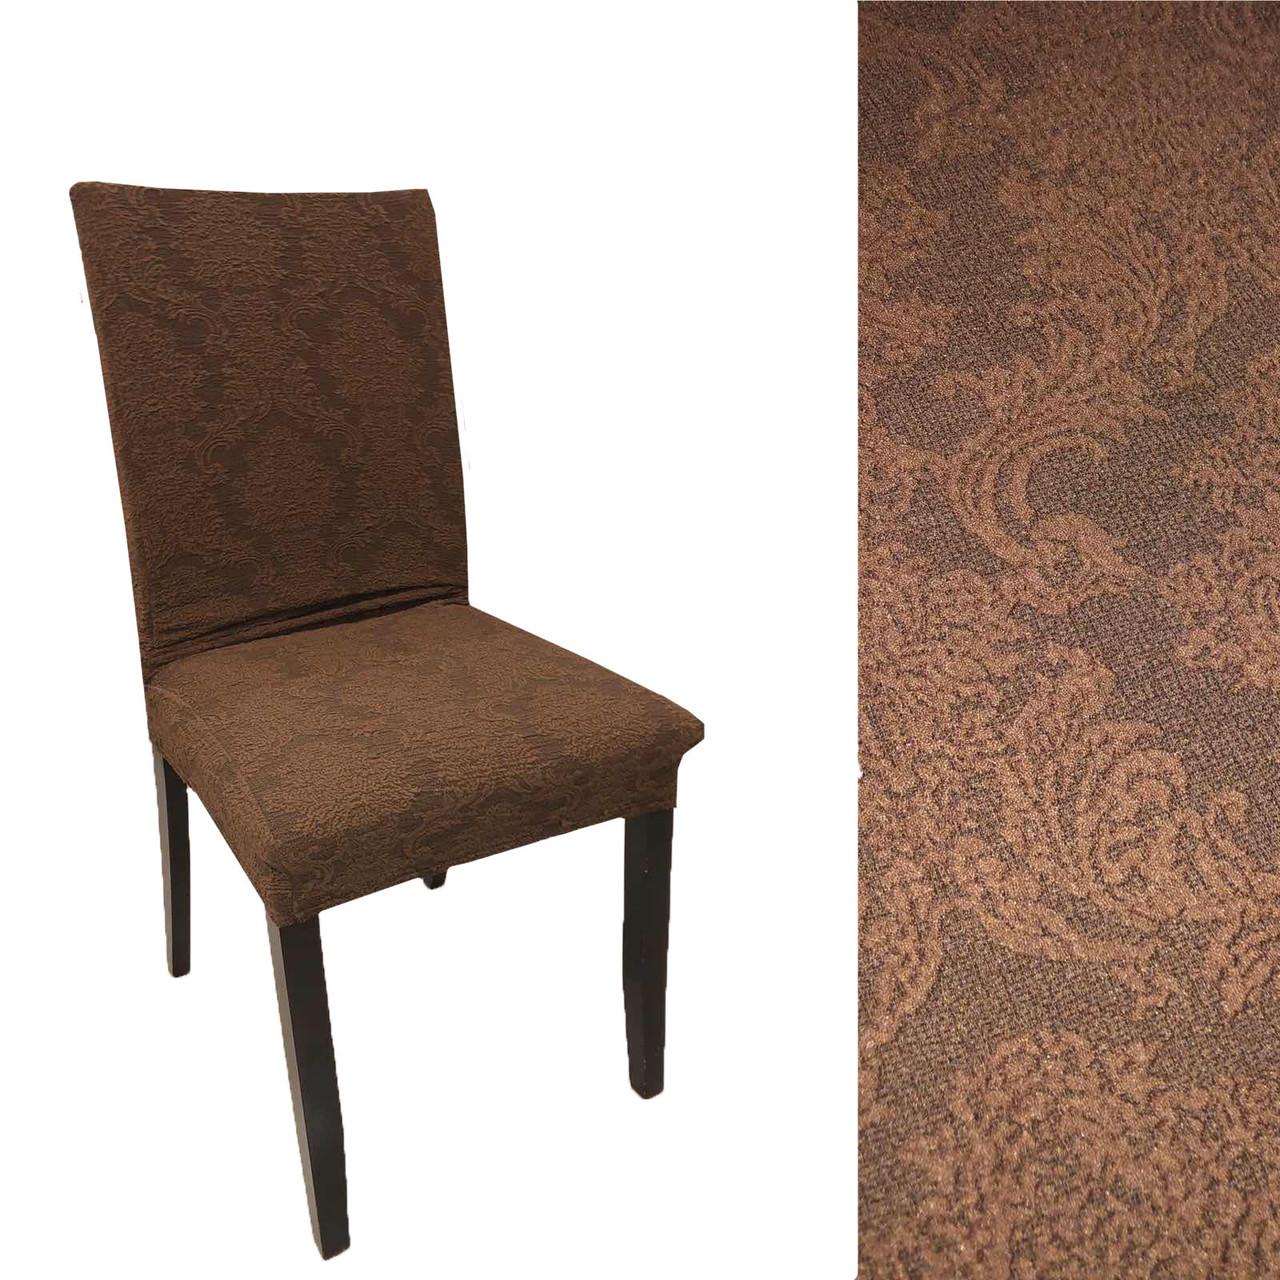 Жаккардовый чехол на стул коричневого цвета Универсальный размер